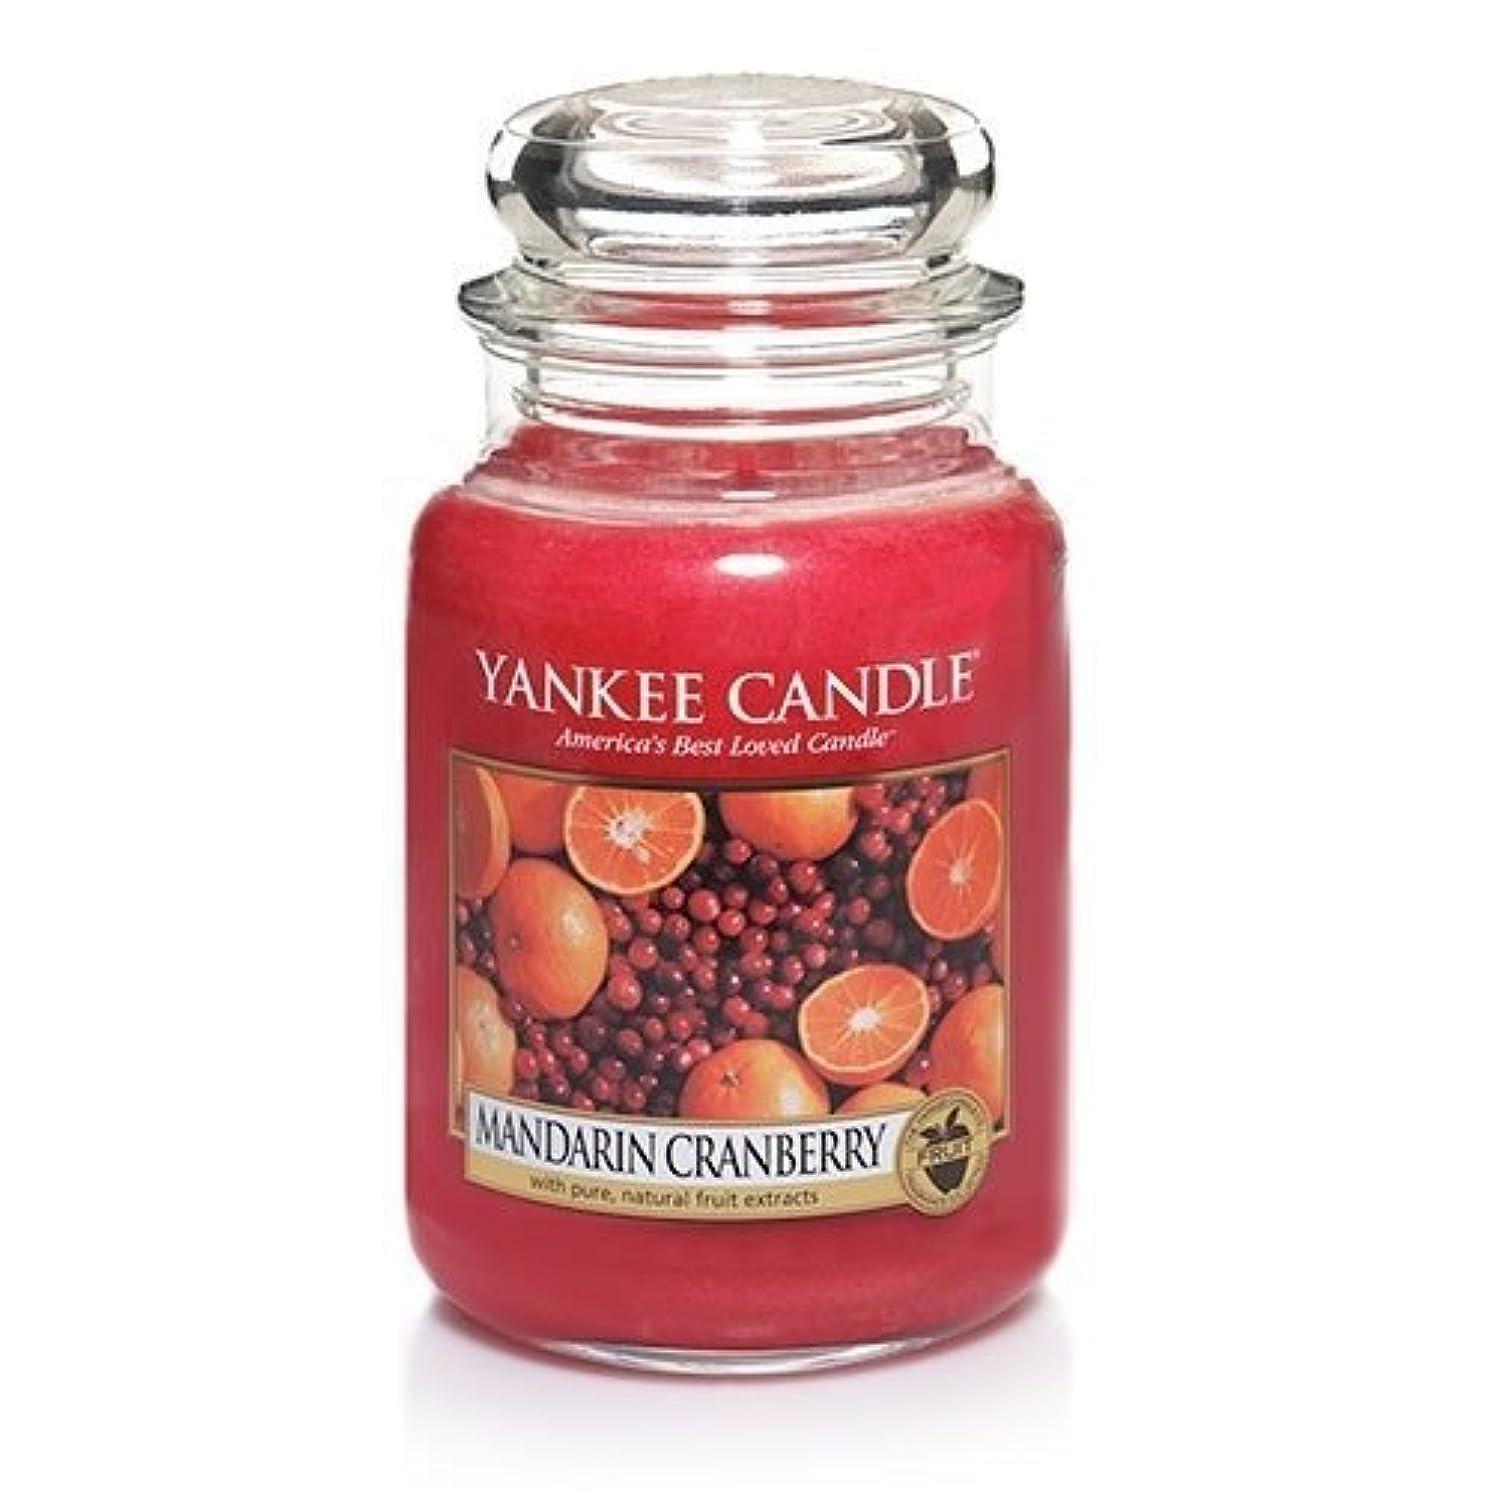 ラジエーター楽観的遠征Mandarin Cranberry Large Scented Jar by Yankee Candle [並行輸入品]